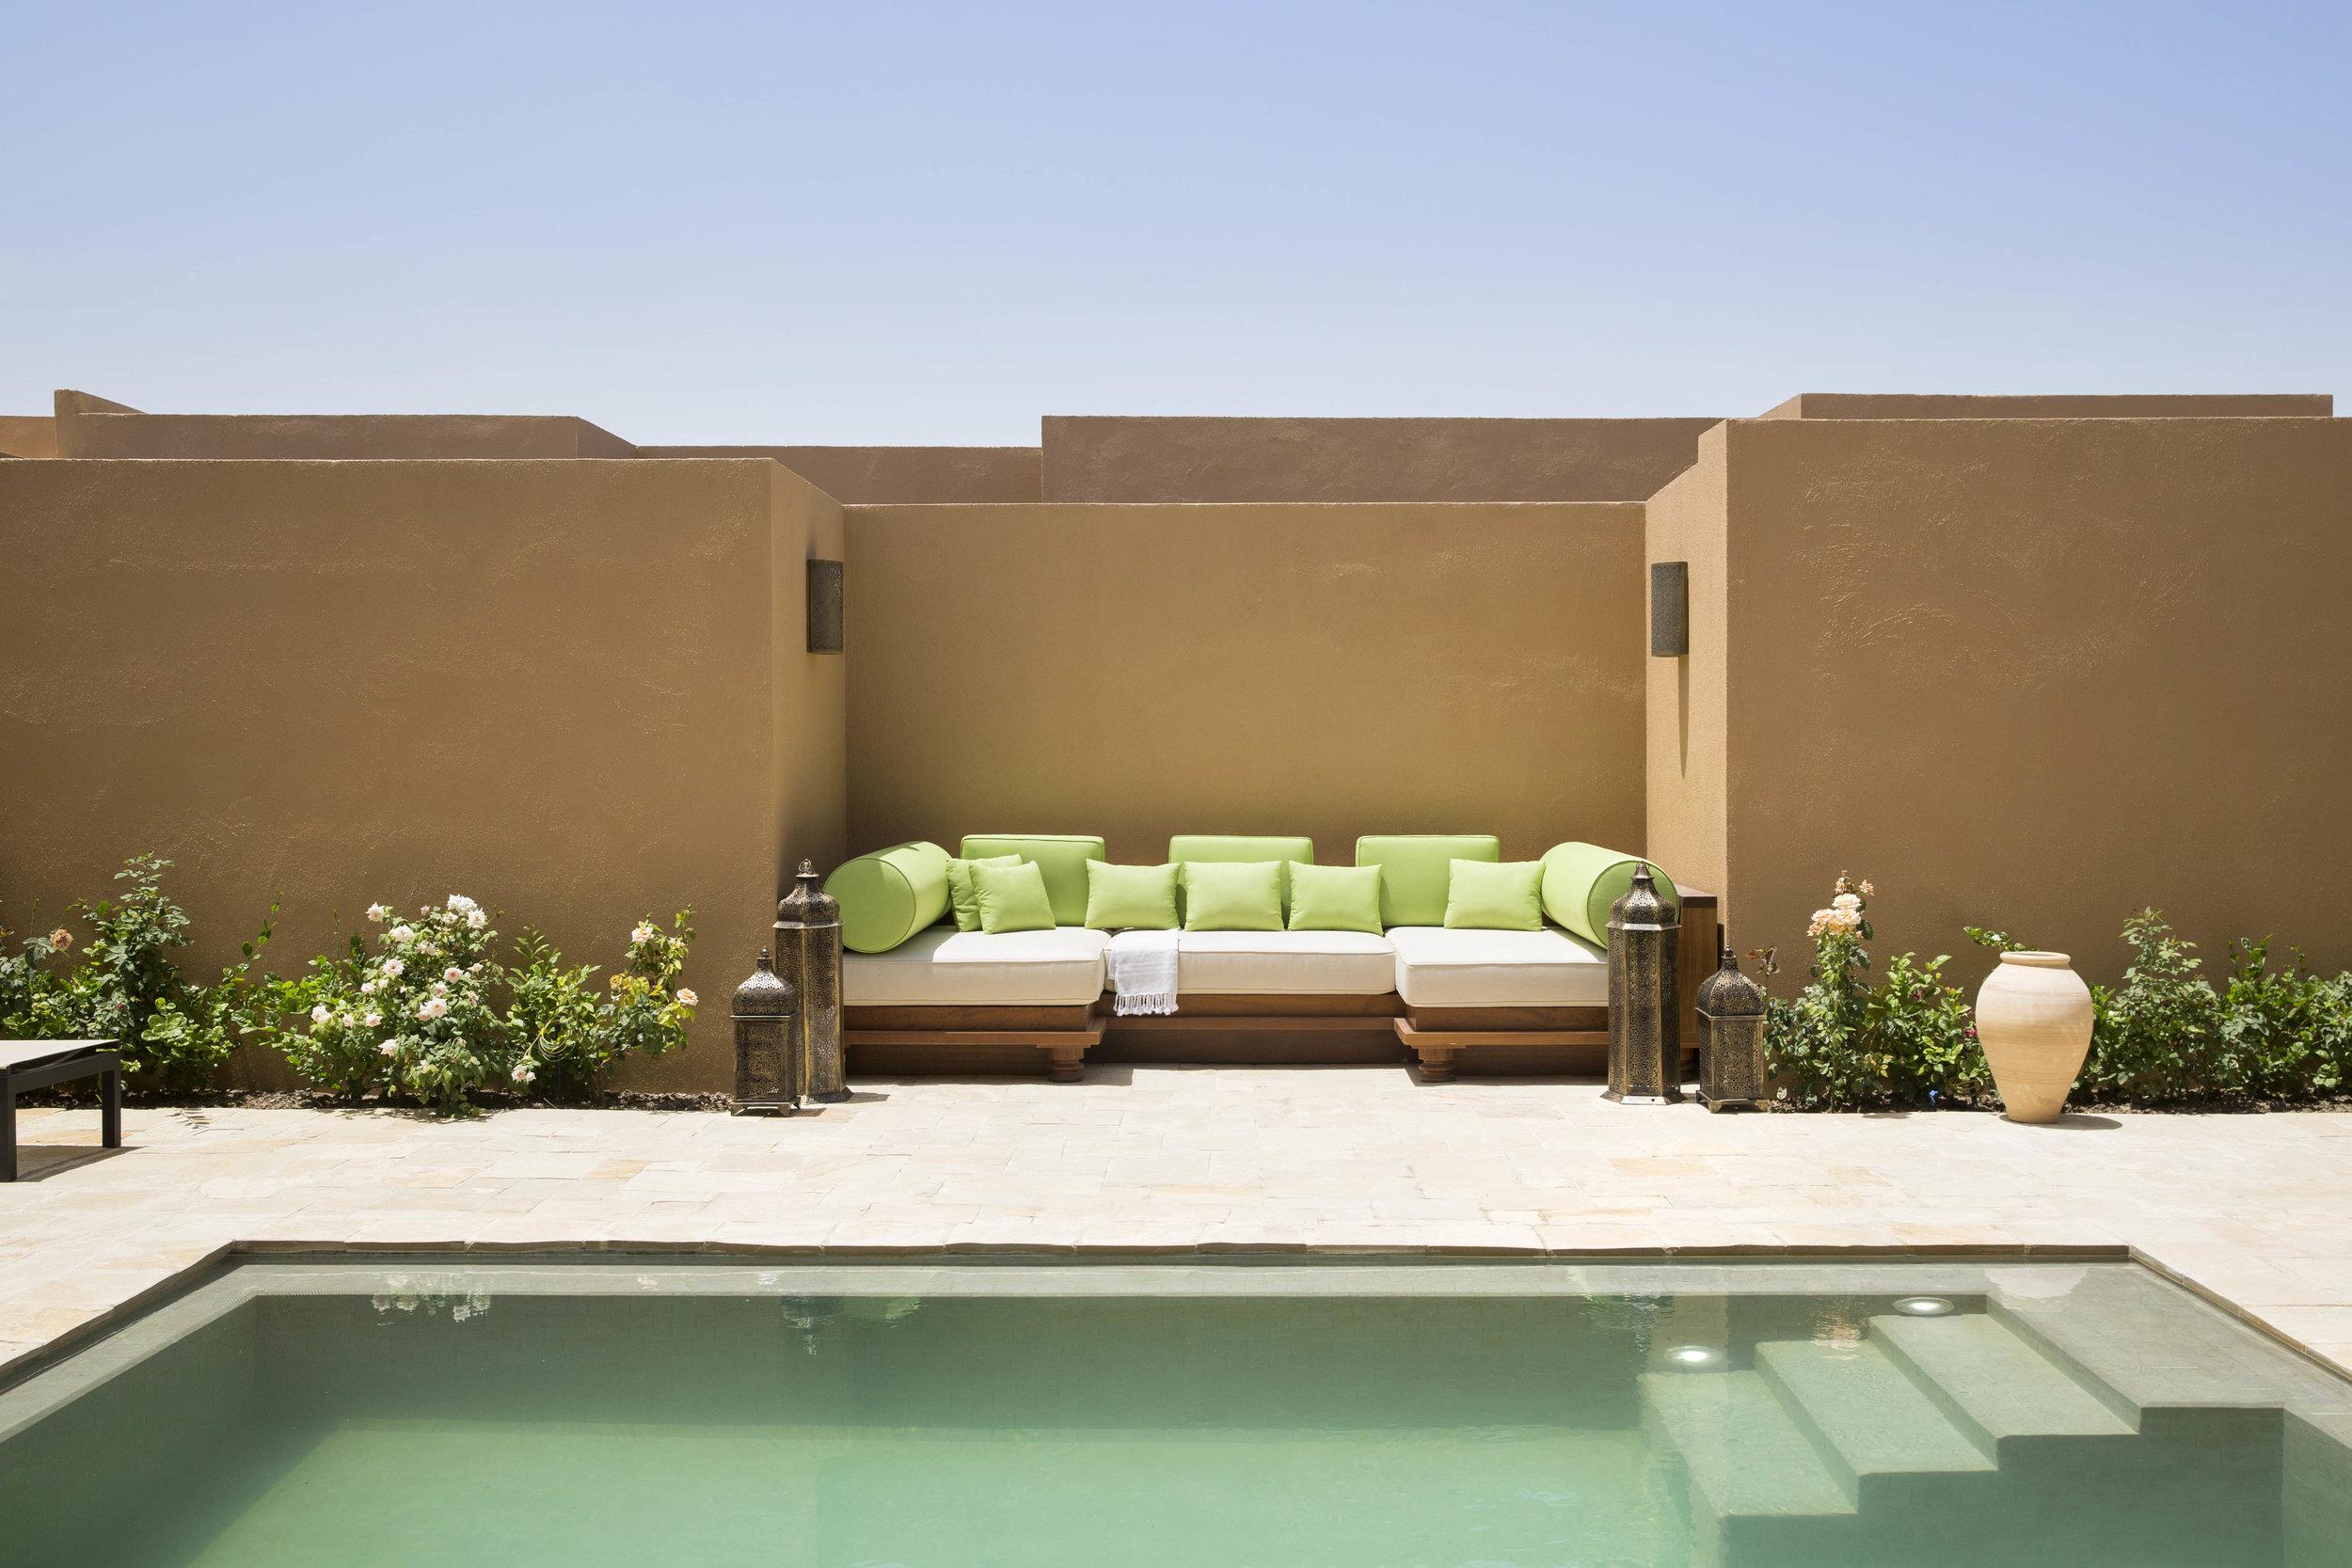 Anantara Al Jabal Al Akhdar Resort - One Bedroom Garden Pool Villa Exterior.jpg